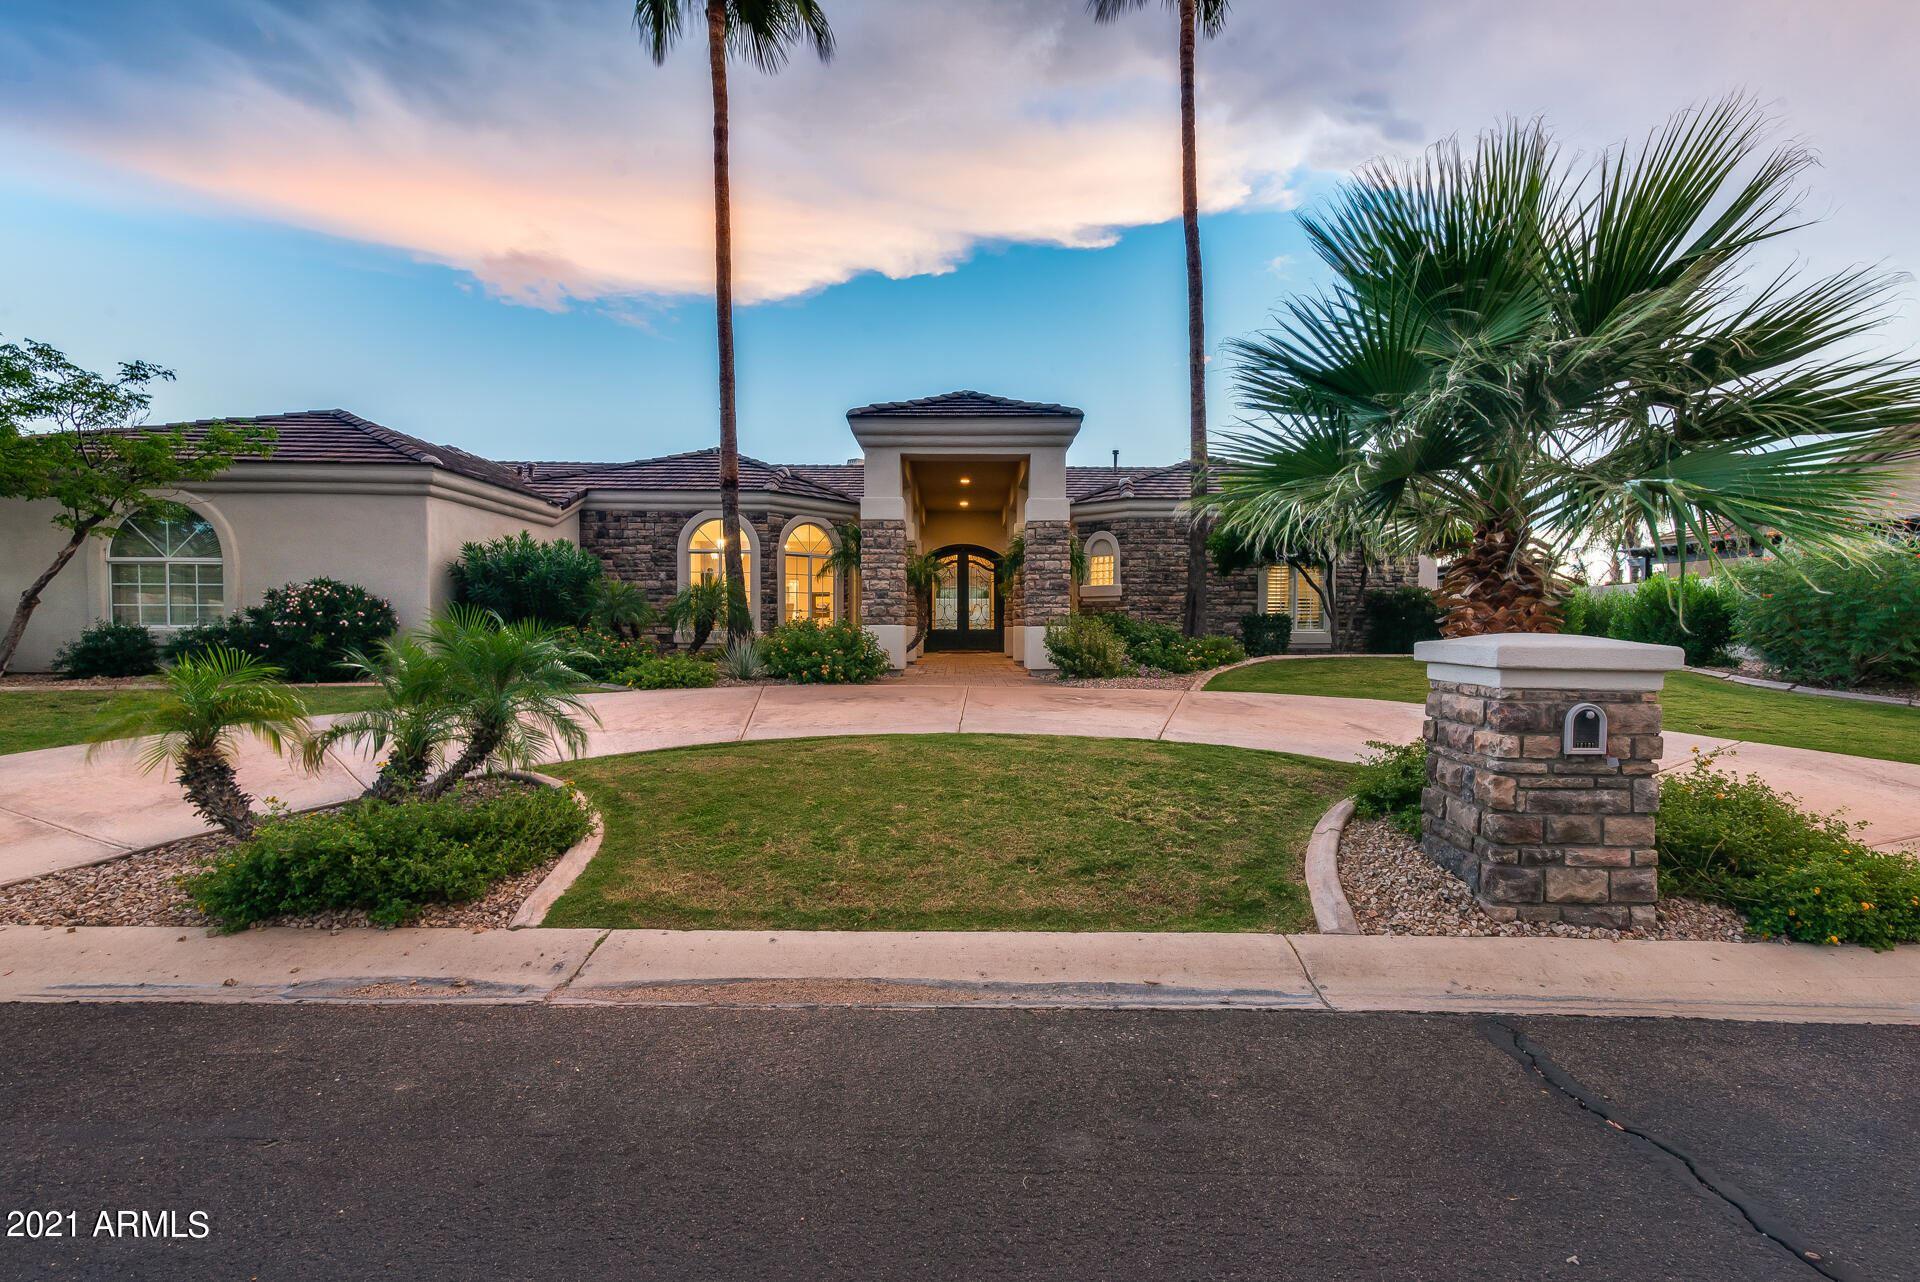 12131 E WELSH Trail, Scottsdale, AZ 85259 - #: 6304143